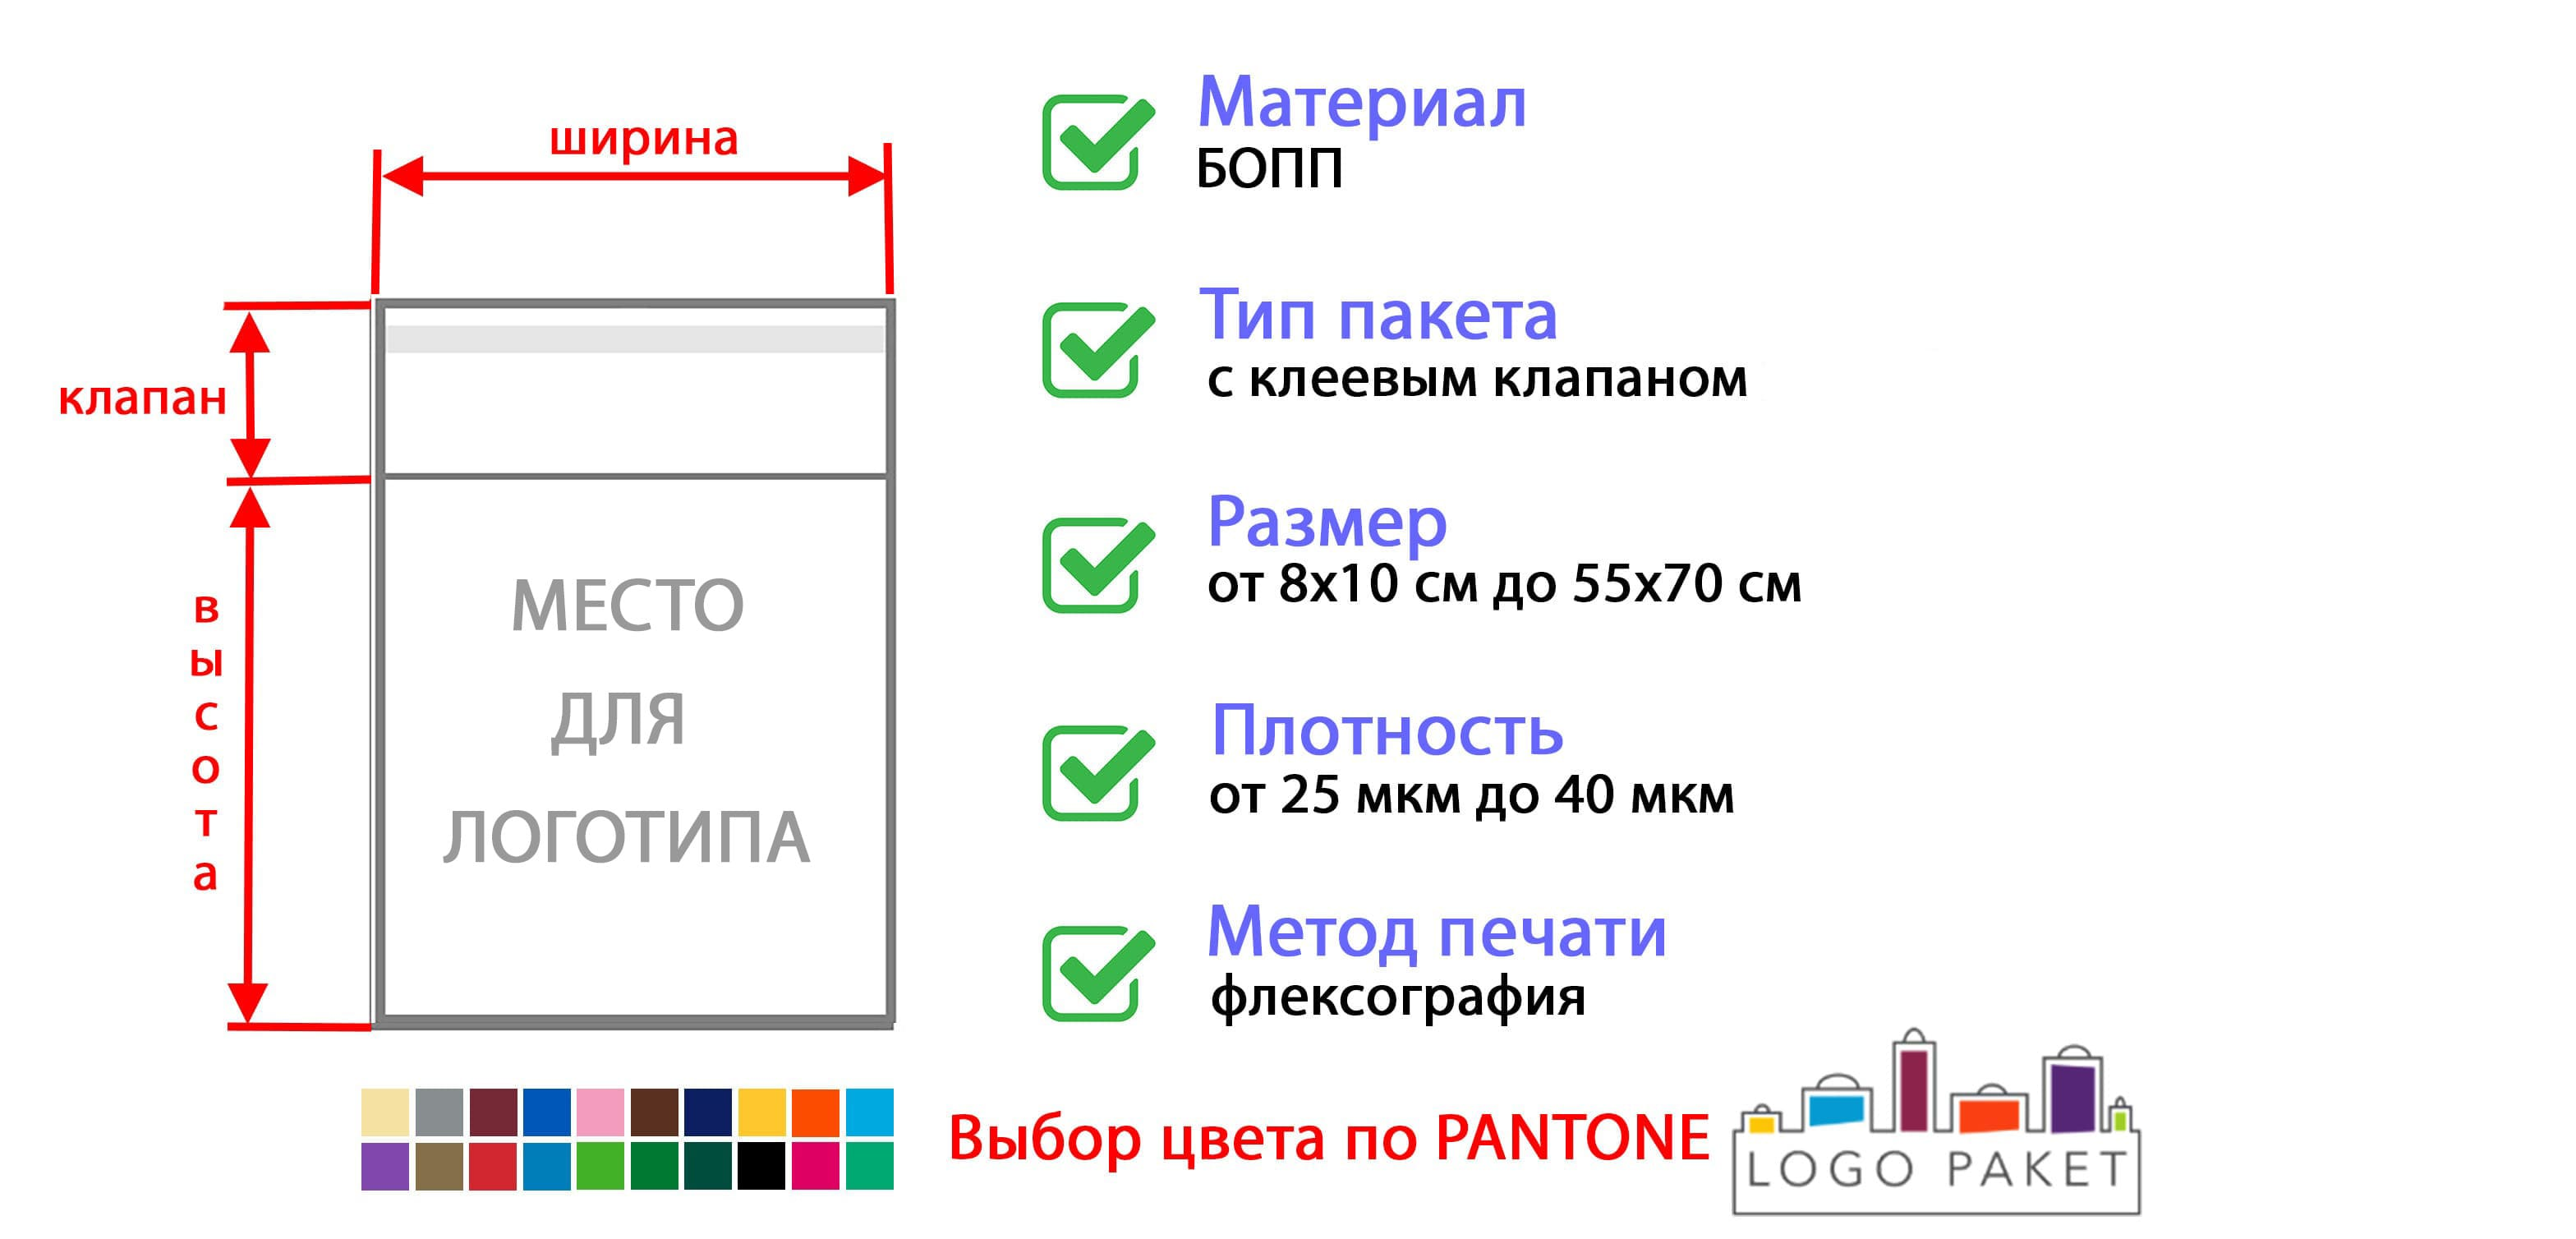 БОПП пакет с клеевым клапаном инфографика